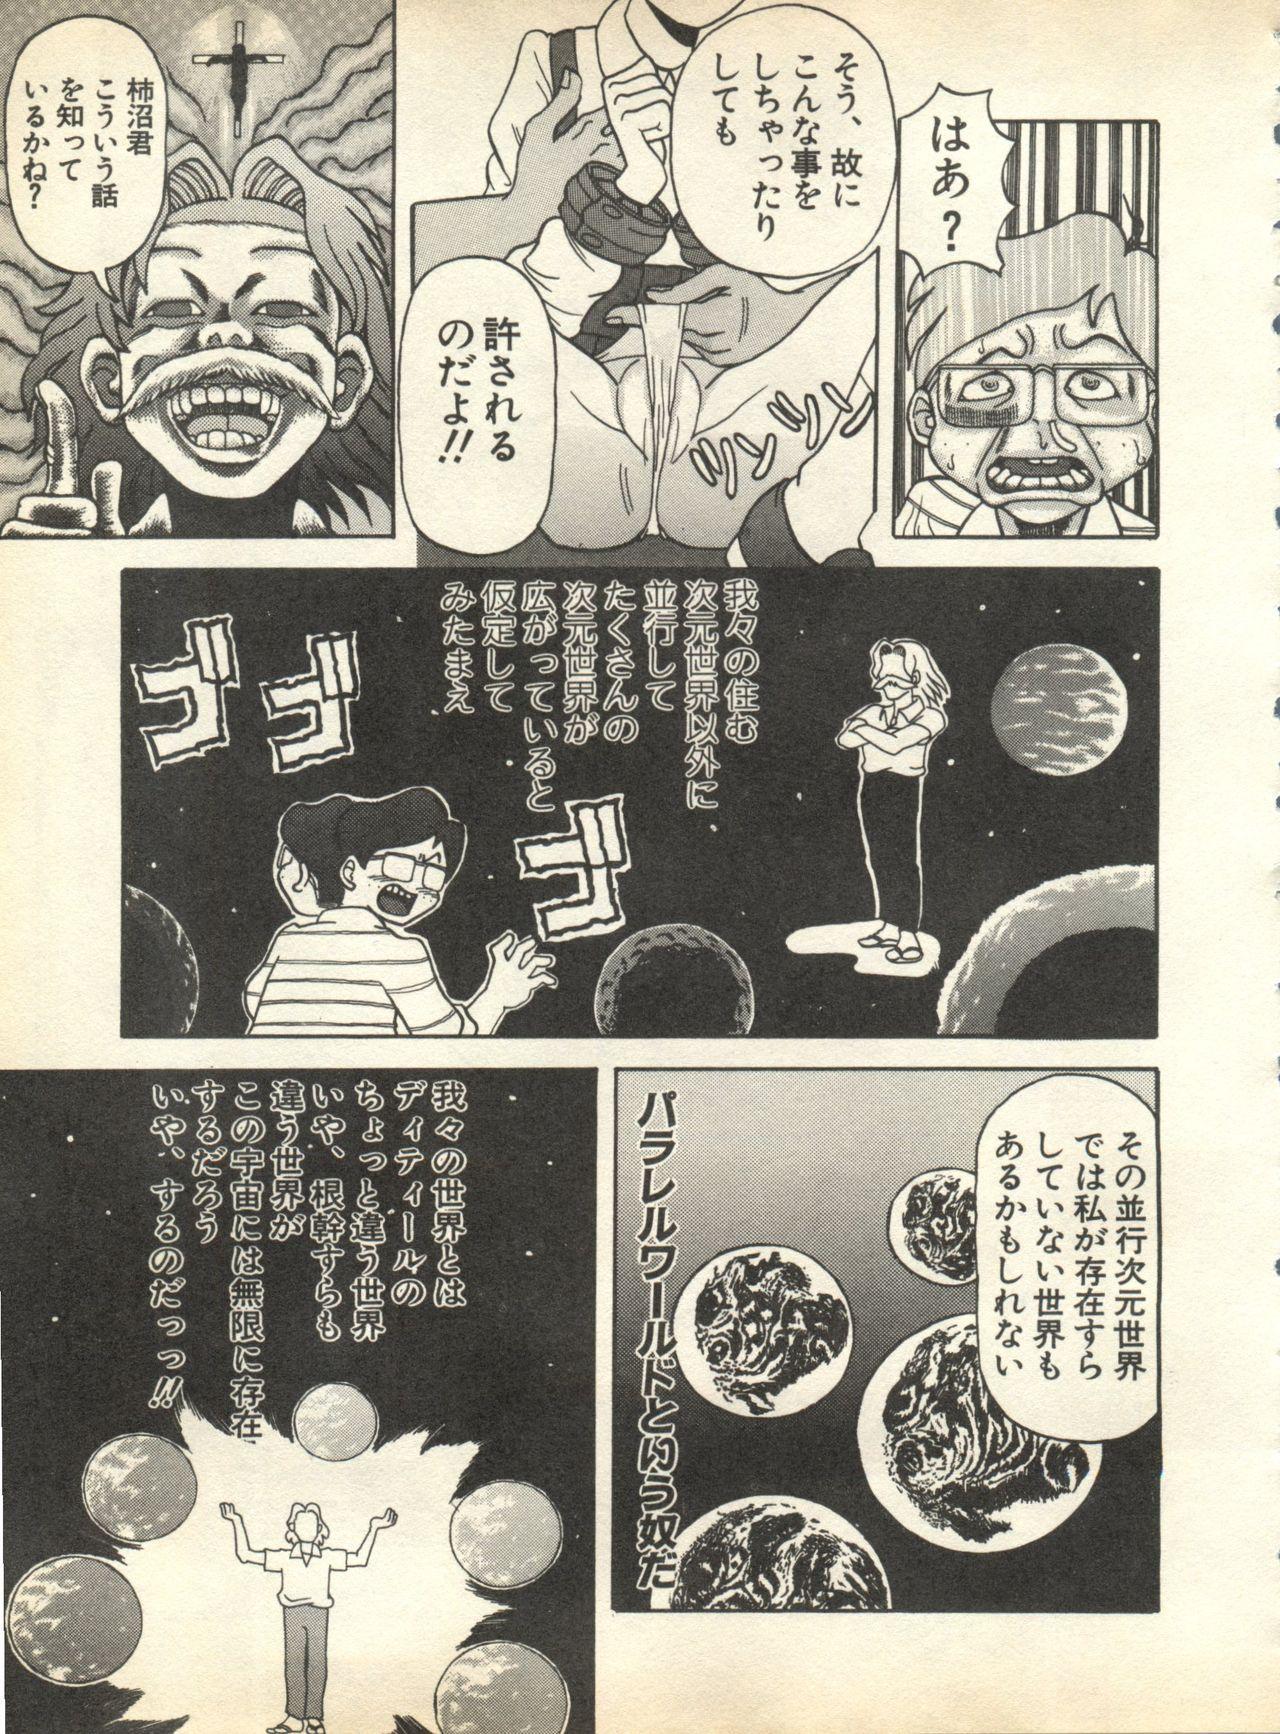 Pai;kuu 1998 October Vol. 13 236